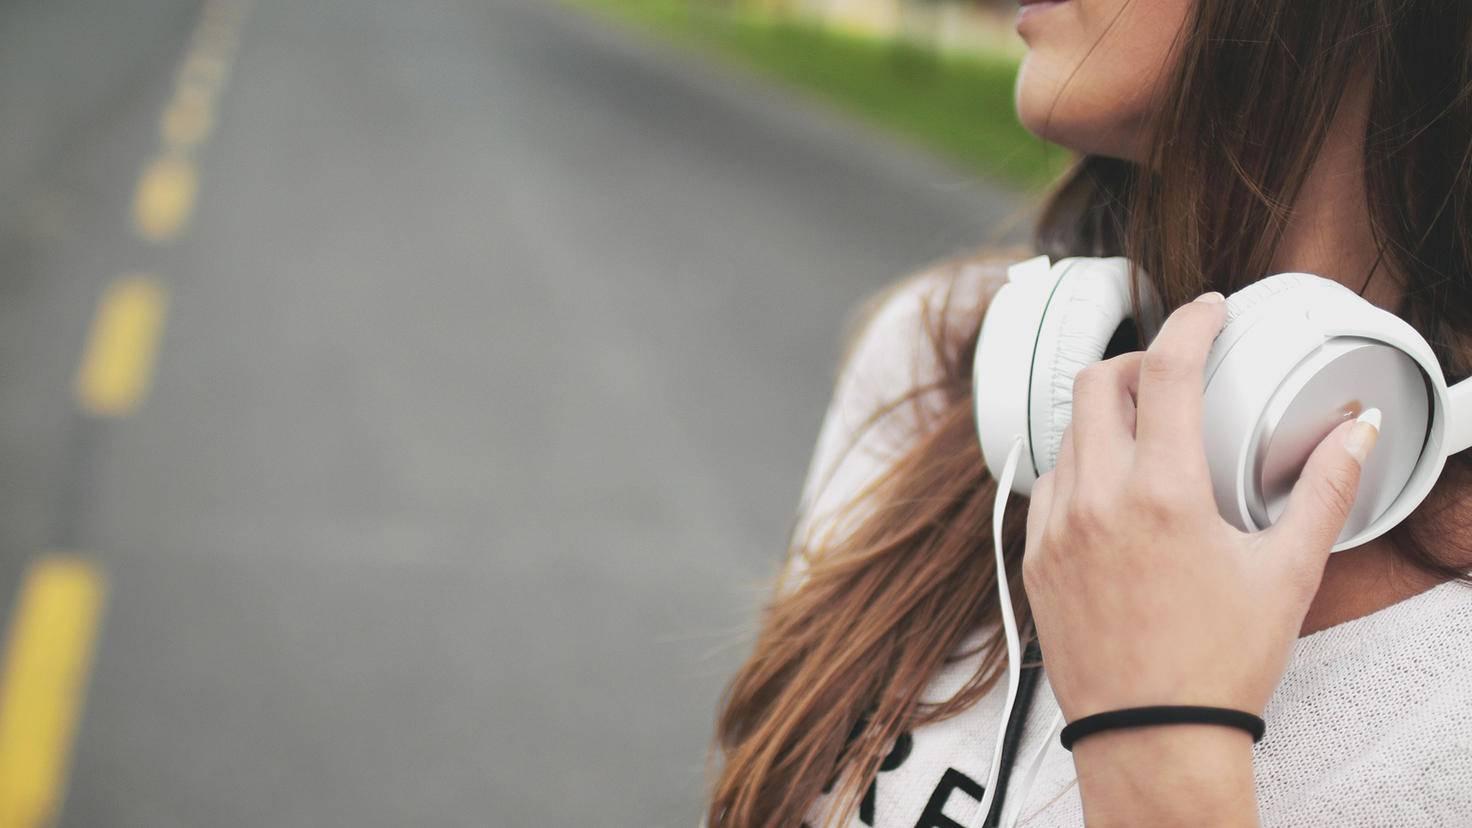 Musik bringt einen auf andere Gedanken.